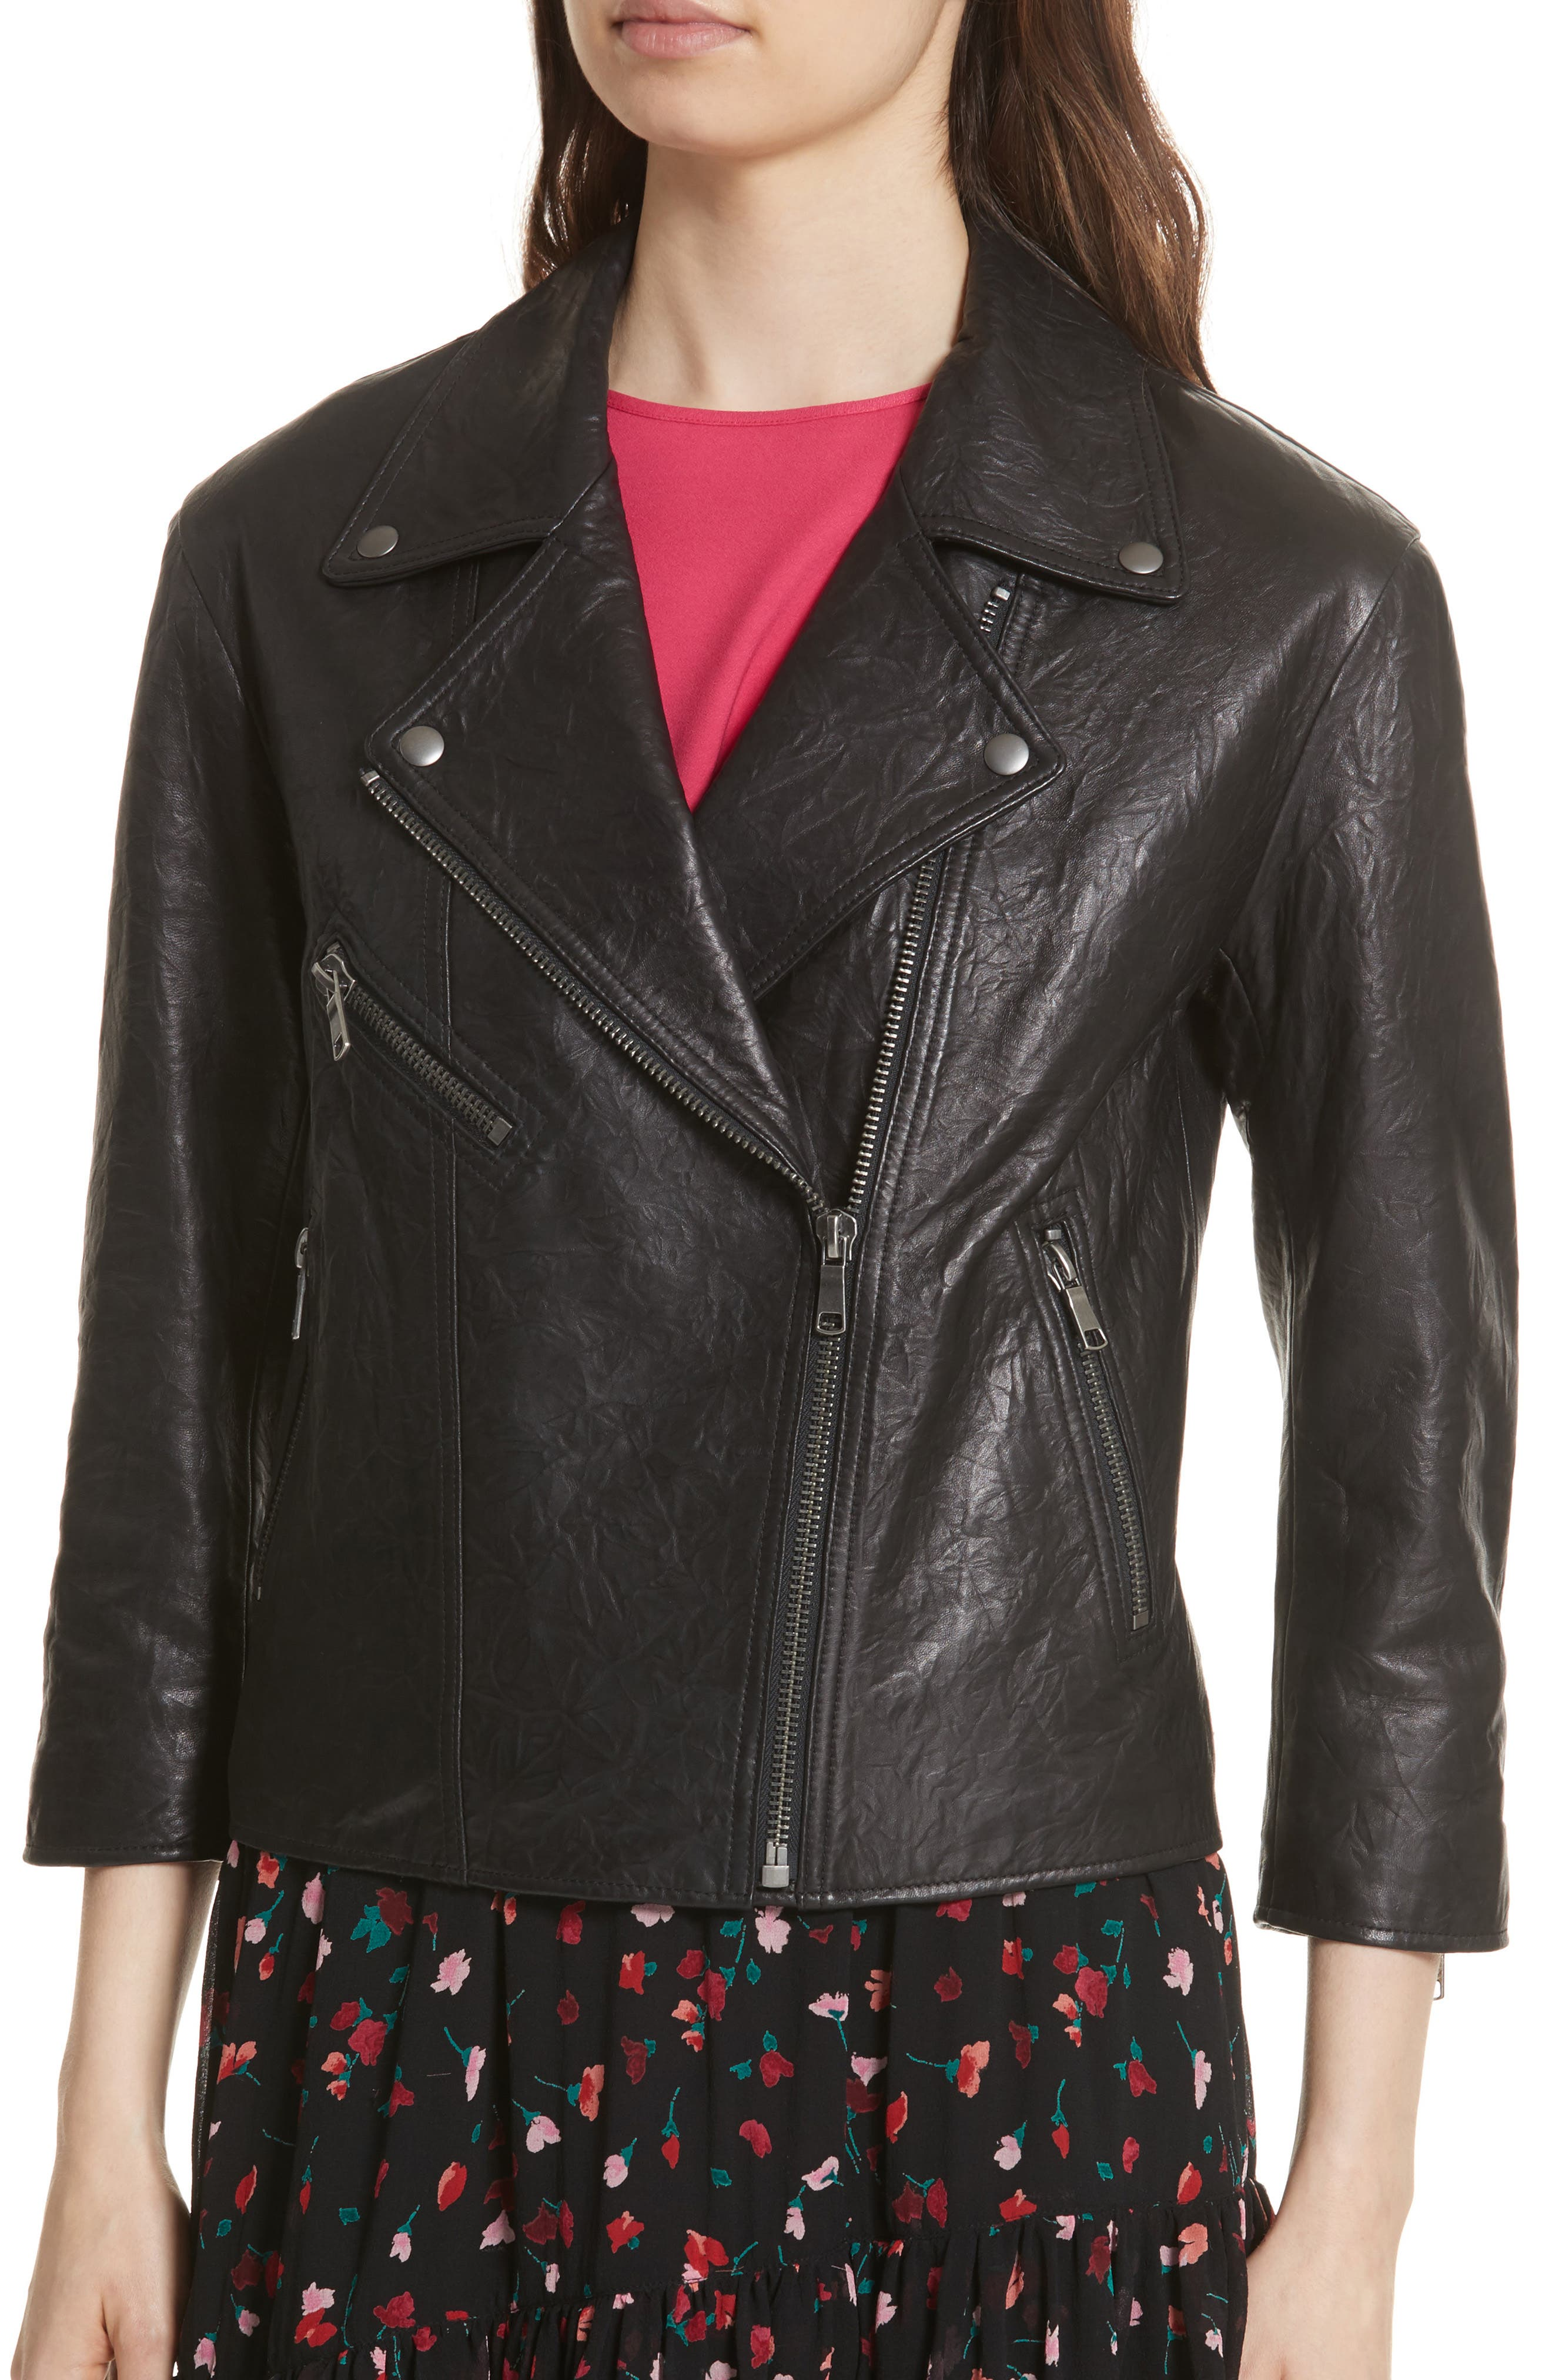 Kameke Viva La Femme Lambskin Leather Jacket,                             Alternate thumbnail 4, color,                             Caviar